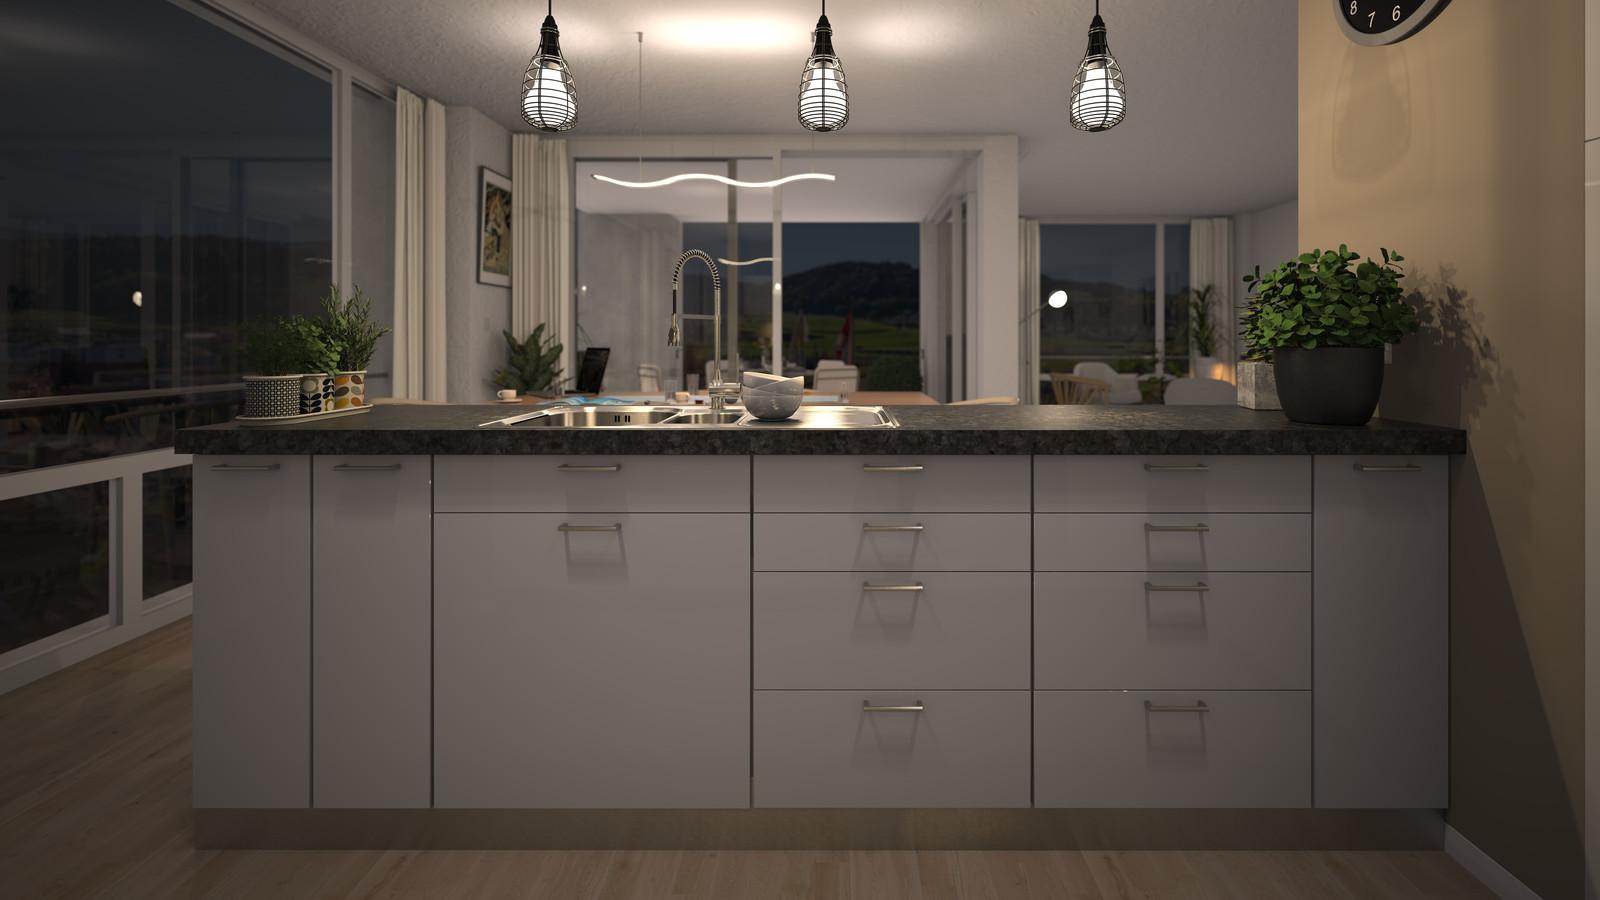 SketchUp + Thea Render Apartment model 03 v2019-Scene 40 Night V2 HD3000 x 5333 PrestoAO 1024 spx 55m15s